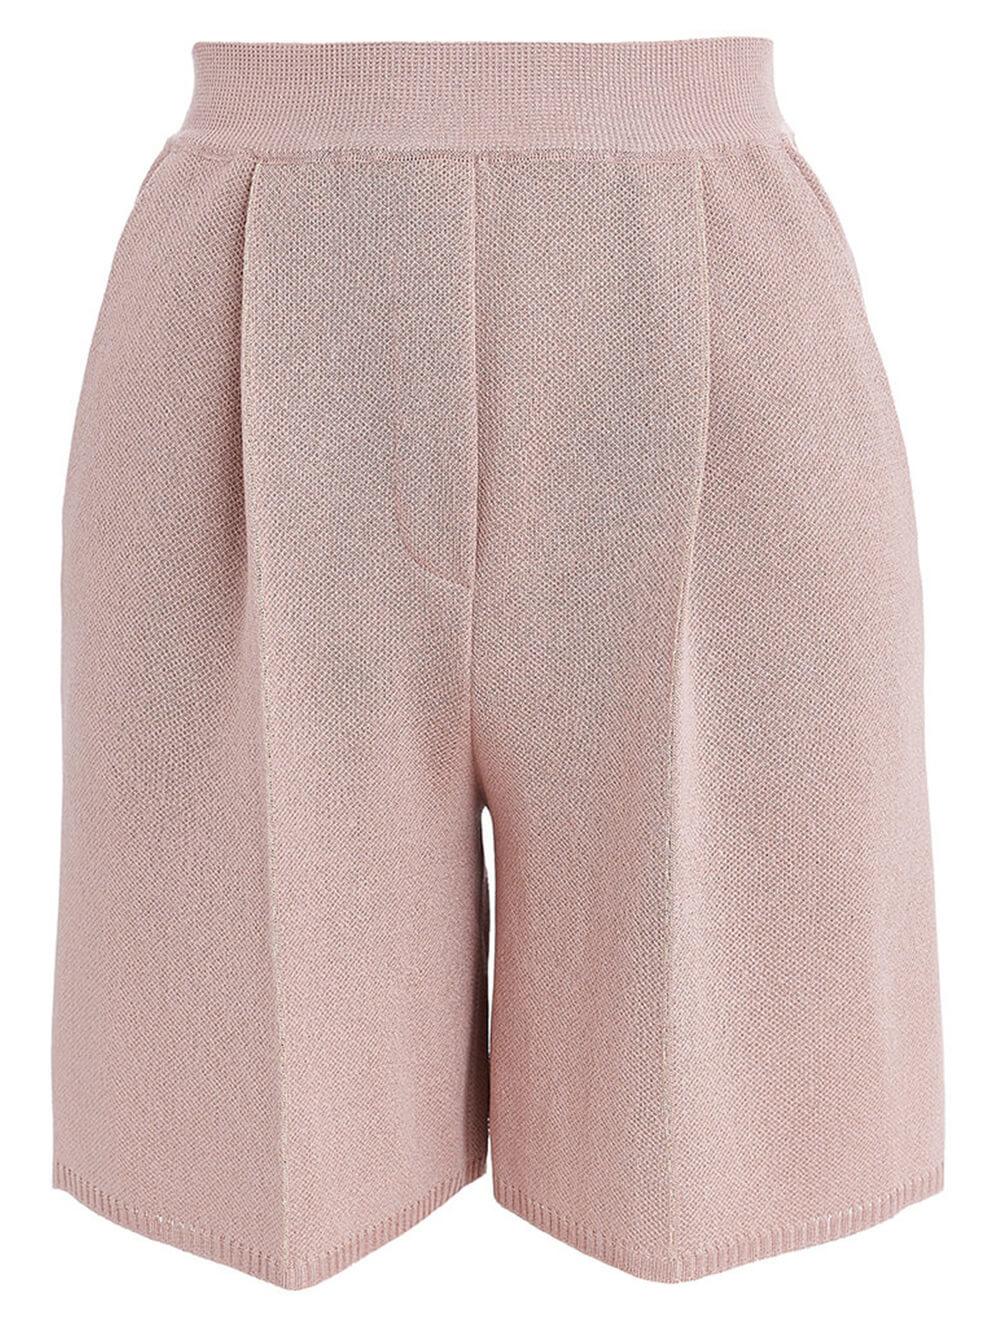 Женские шорты бежево-розового цвета из вискозы - фото 1